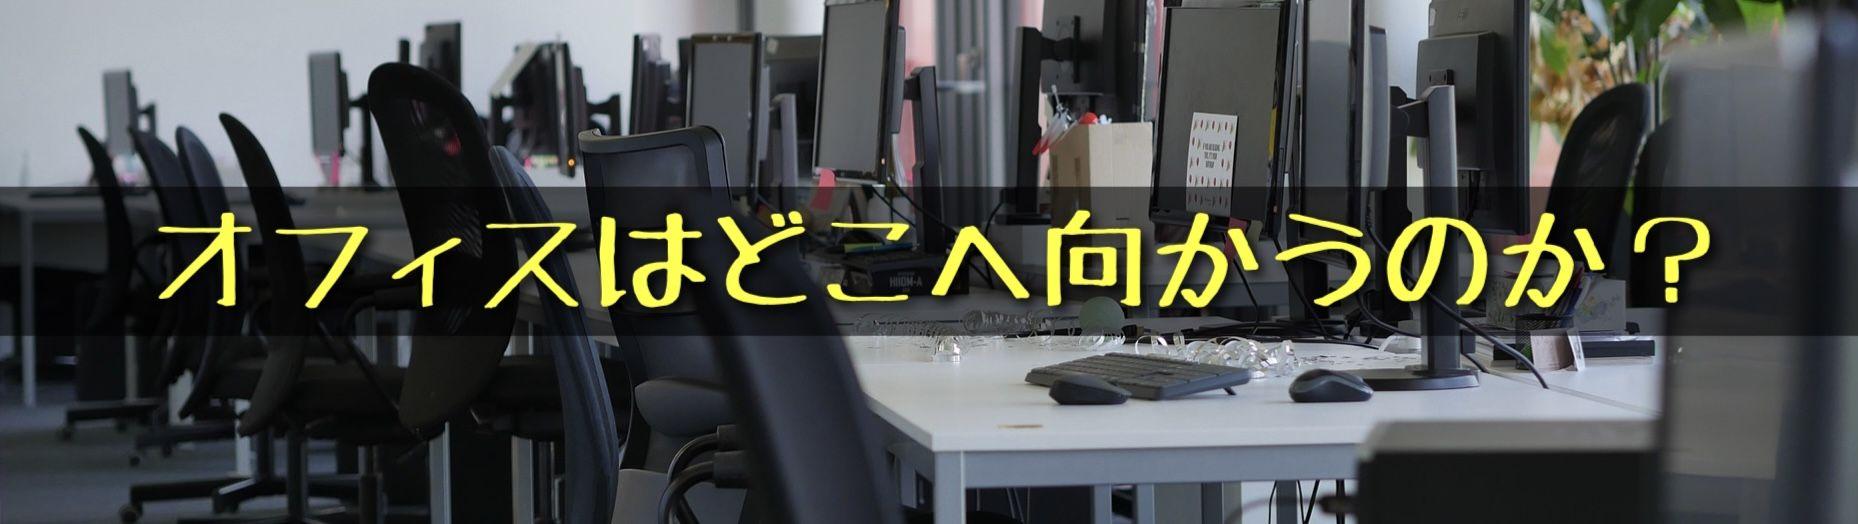 代表ブログ『オフィス』というツールを考える。絶賛連載中です!!